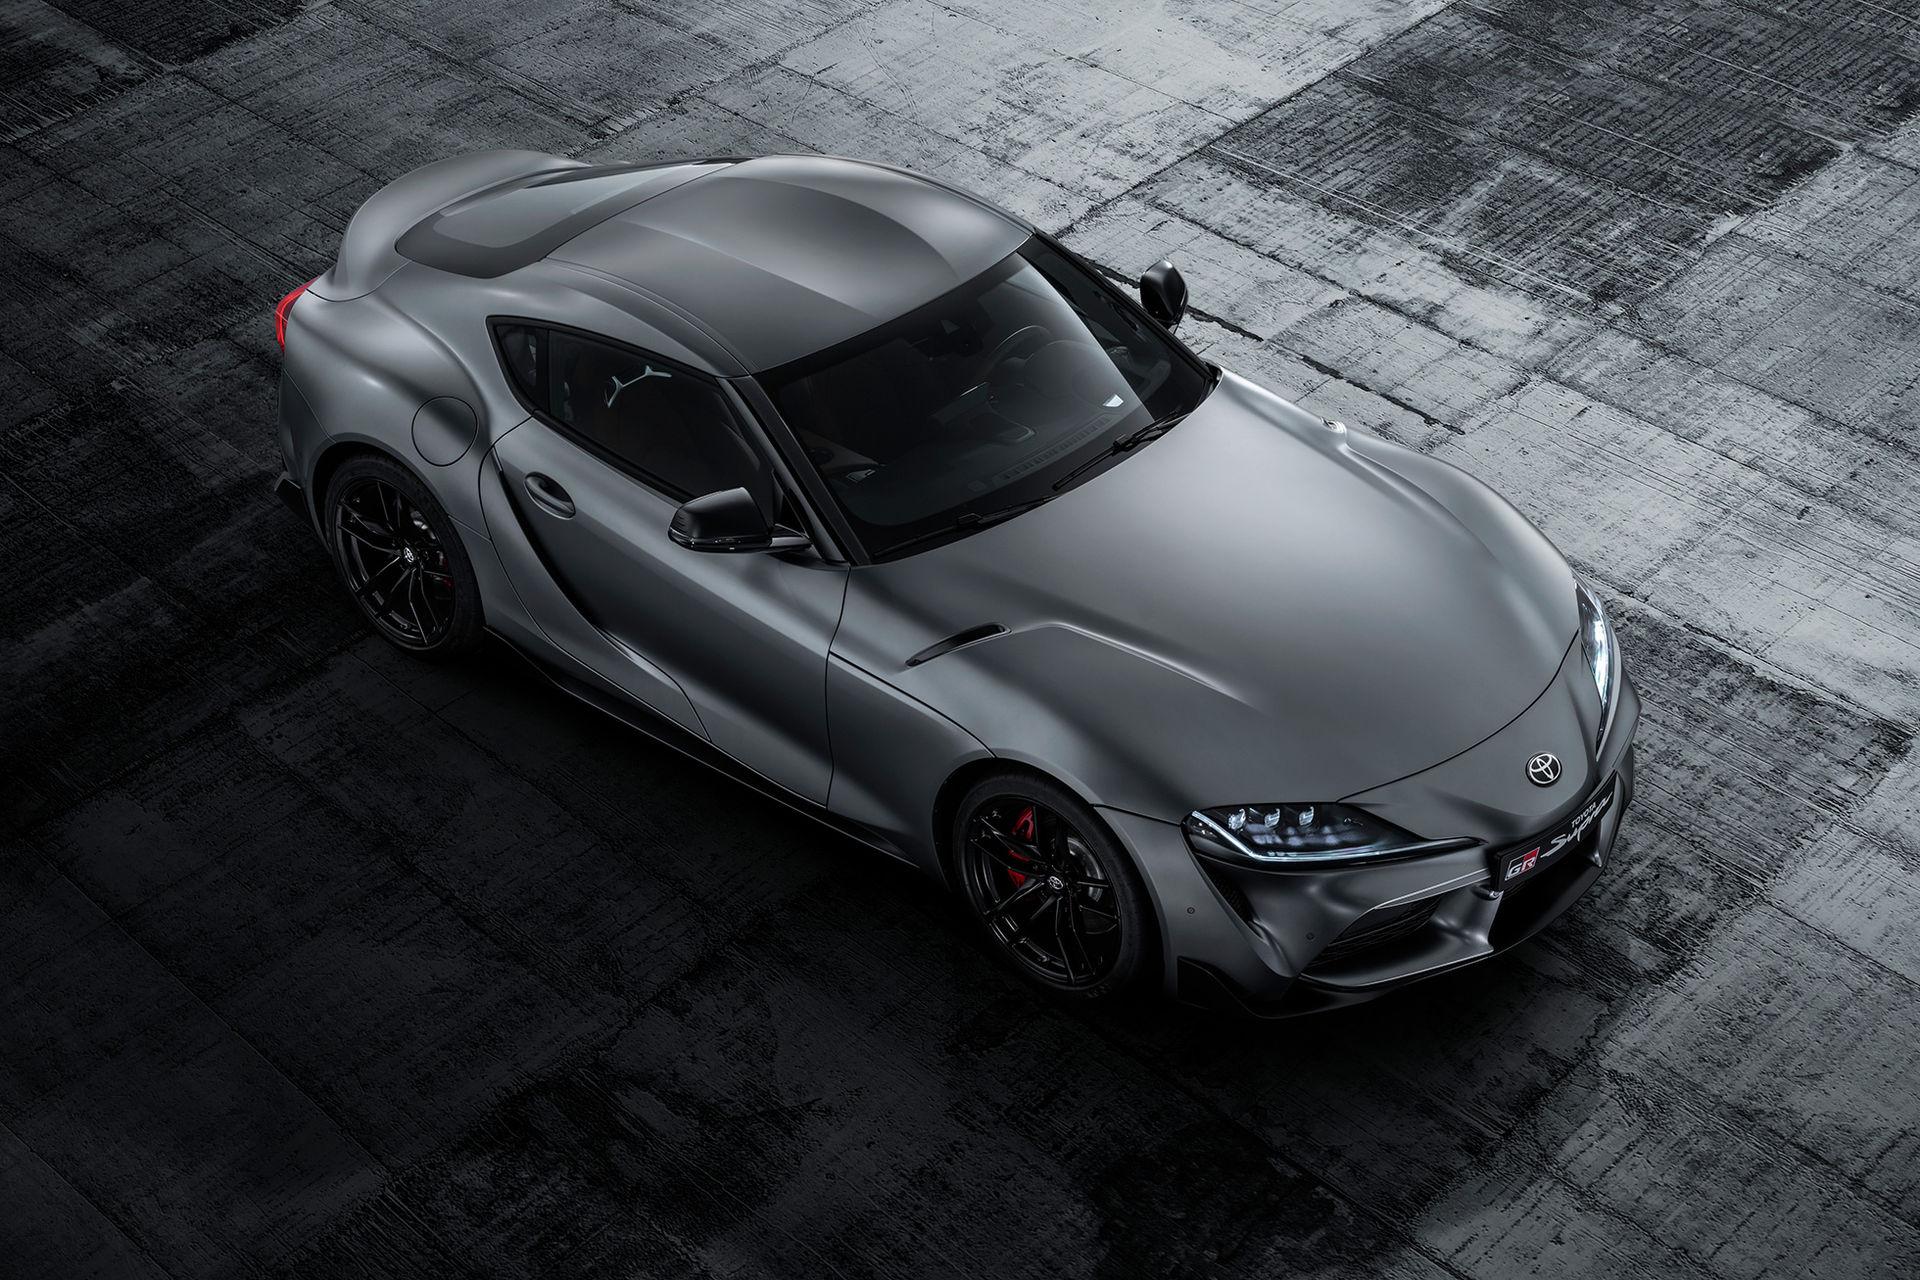 Nu är den här på riktigt - nya Toyota Supra